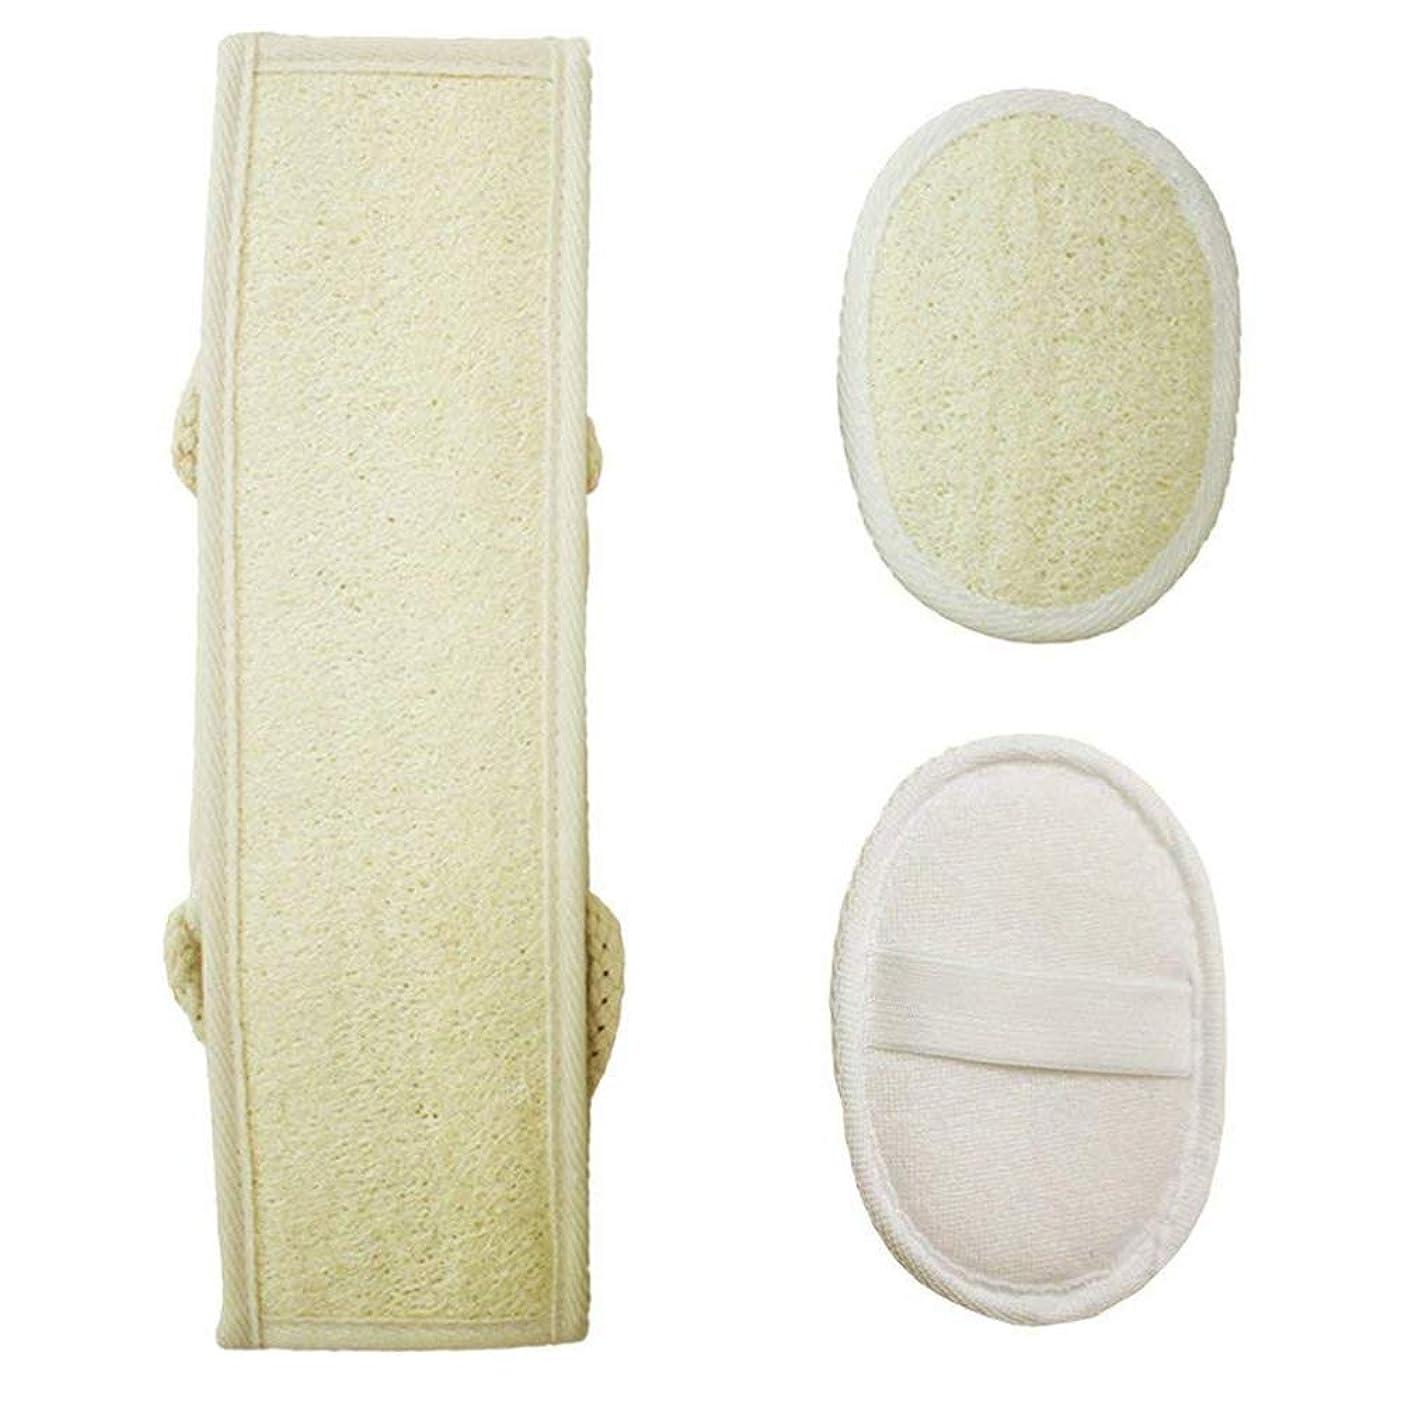 タヒチ九労苦Xigeapg ヘチマ角質剥離スクラバー シャワー、両面スクラブストラップ、100%天然ヘチマ入り ボディバススポンジ、バックウォッシャー 男性と女性用(3個/セット)